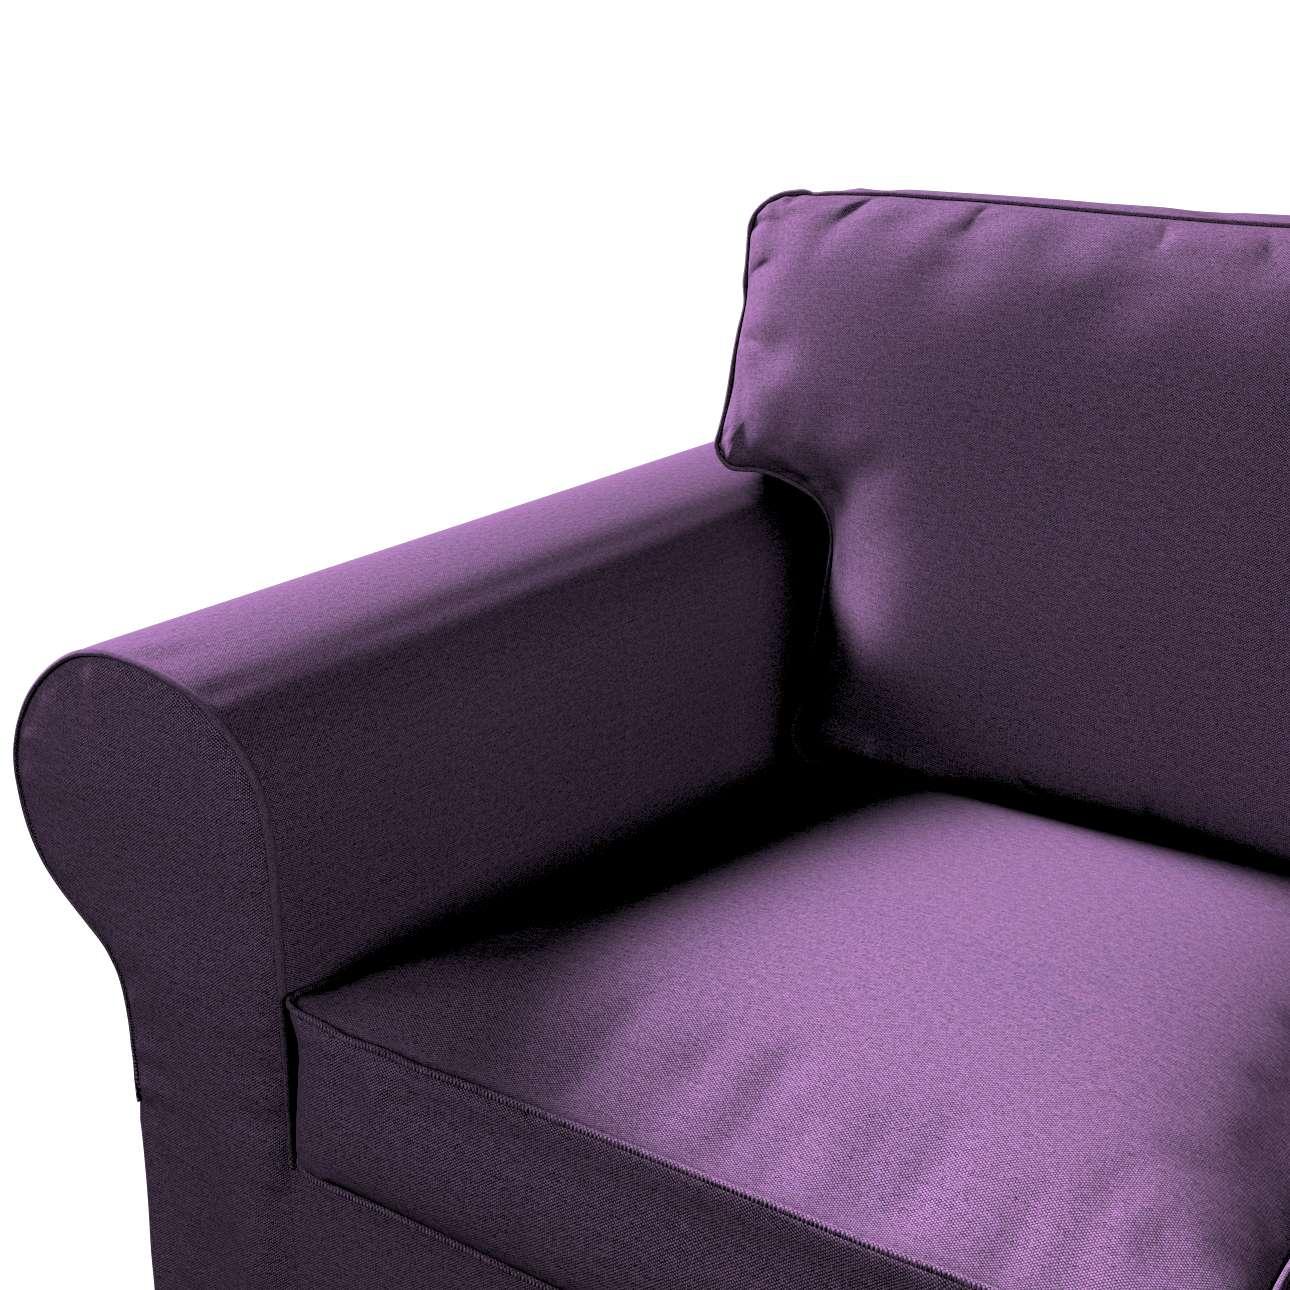 Bezug für Ektorp 3-Sitzer Sofa nicht ausklappbar von der Kollektion Etna, Stoff: 161-27